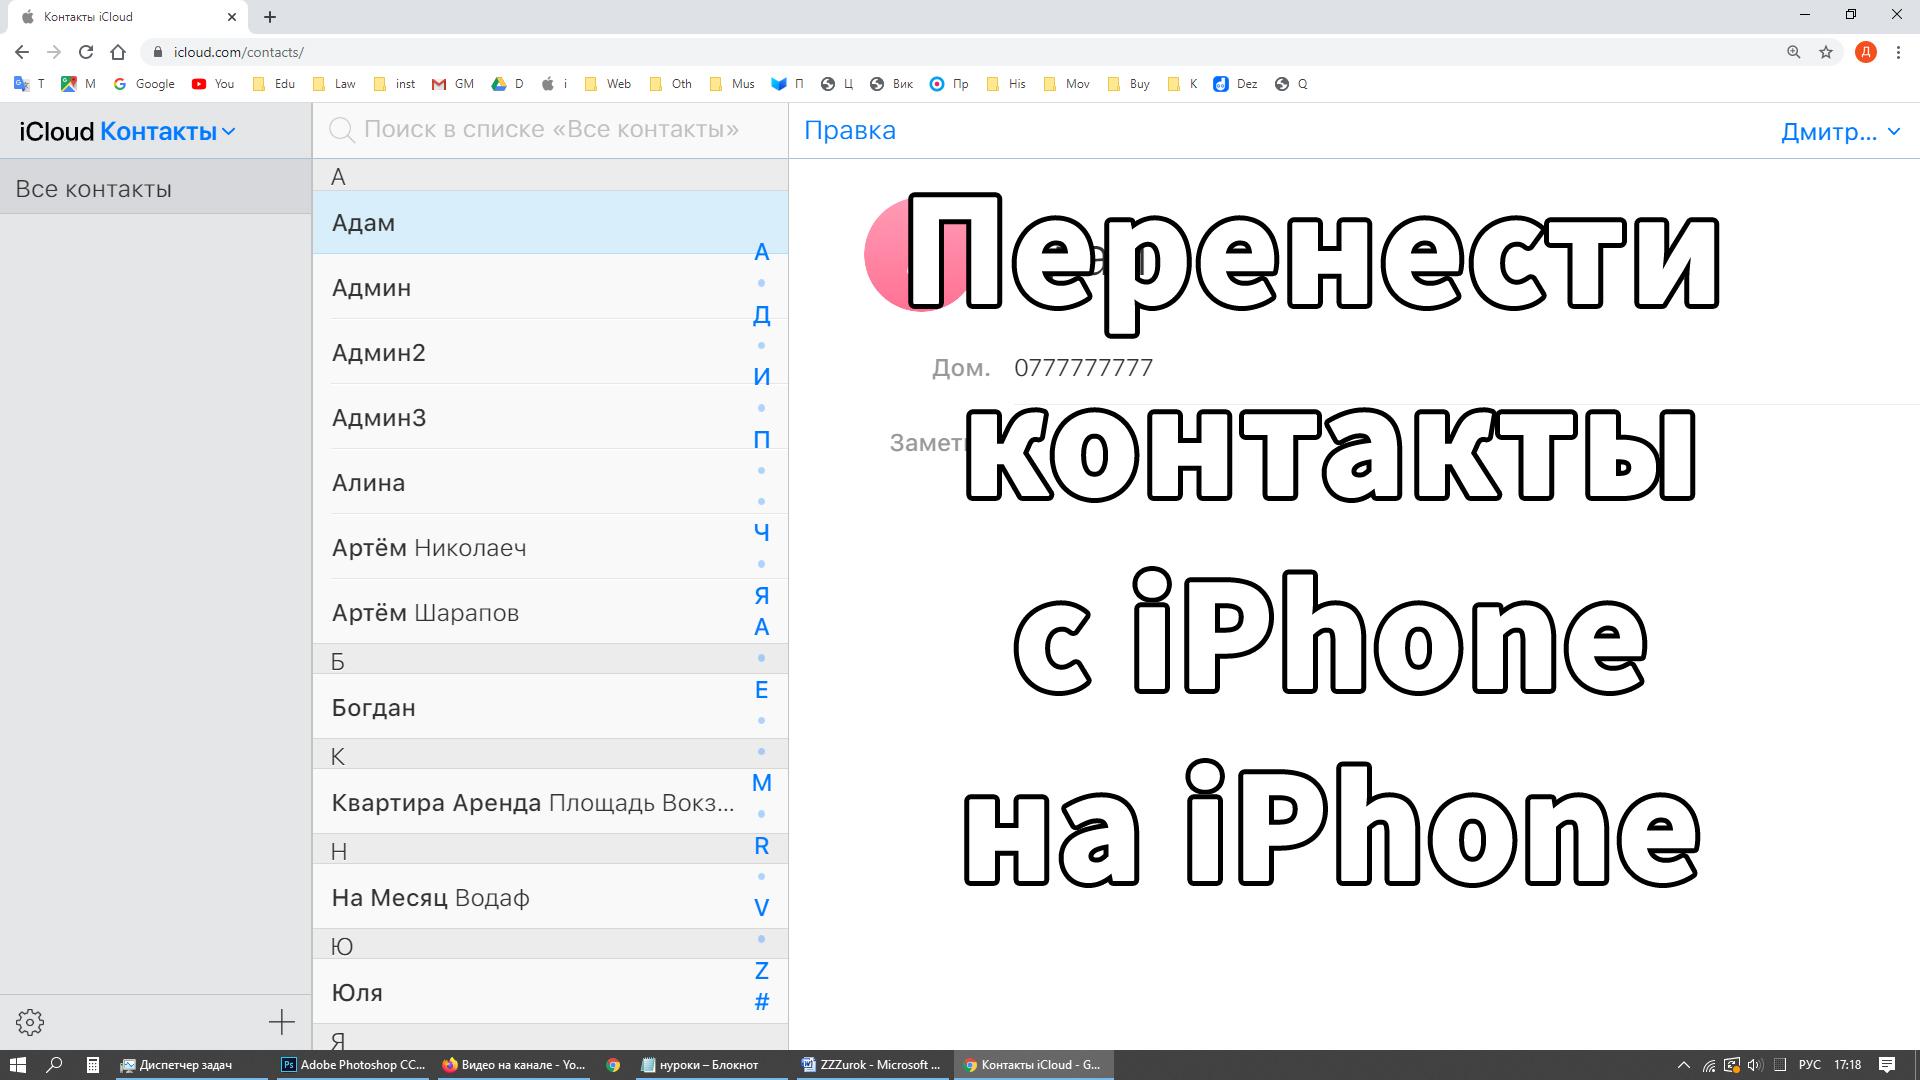 Как перенести контакты с iPhone на iPhone